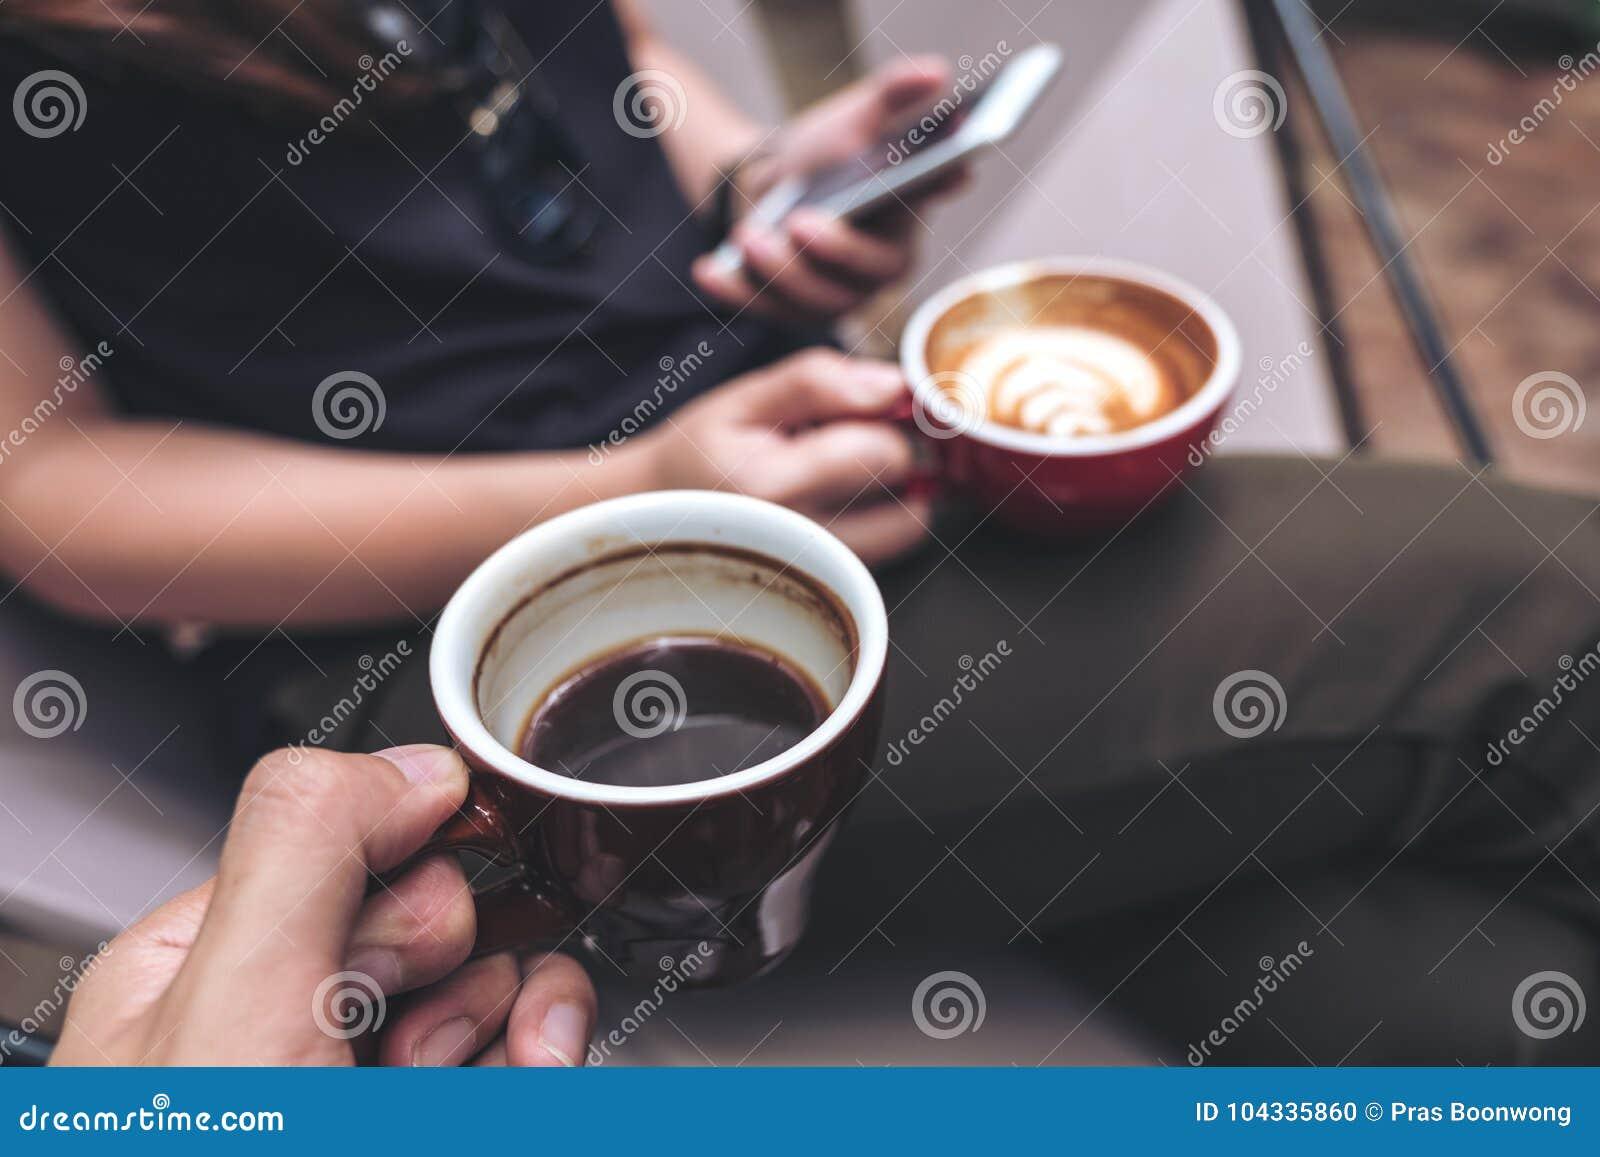 Изображение крупного плана руки ` s человека держа черную кофейную чашку при женщина используя smartphone пока выпивающ кофе